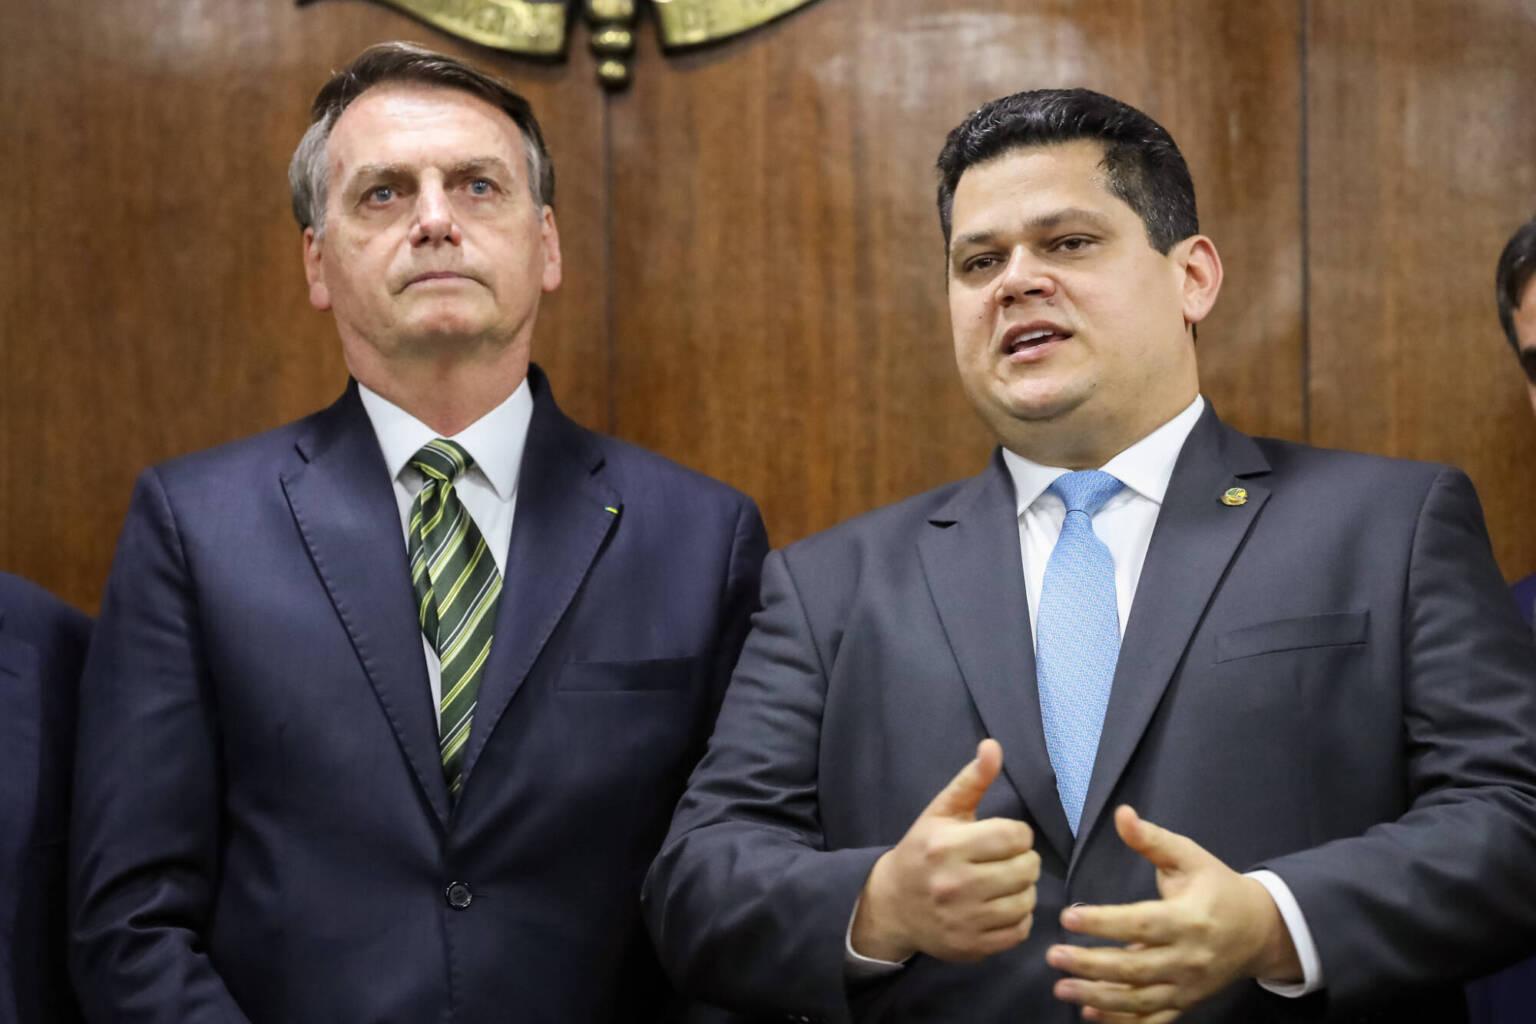 bozoalcolumbre 1536x1024 1 - Após quase 20 dias de apagão, Bolsonaro avalia ir ao Amapá, diz TV